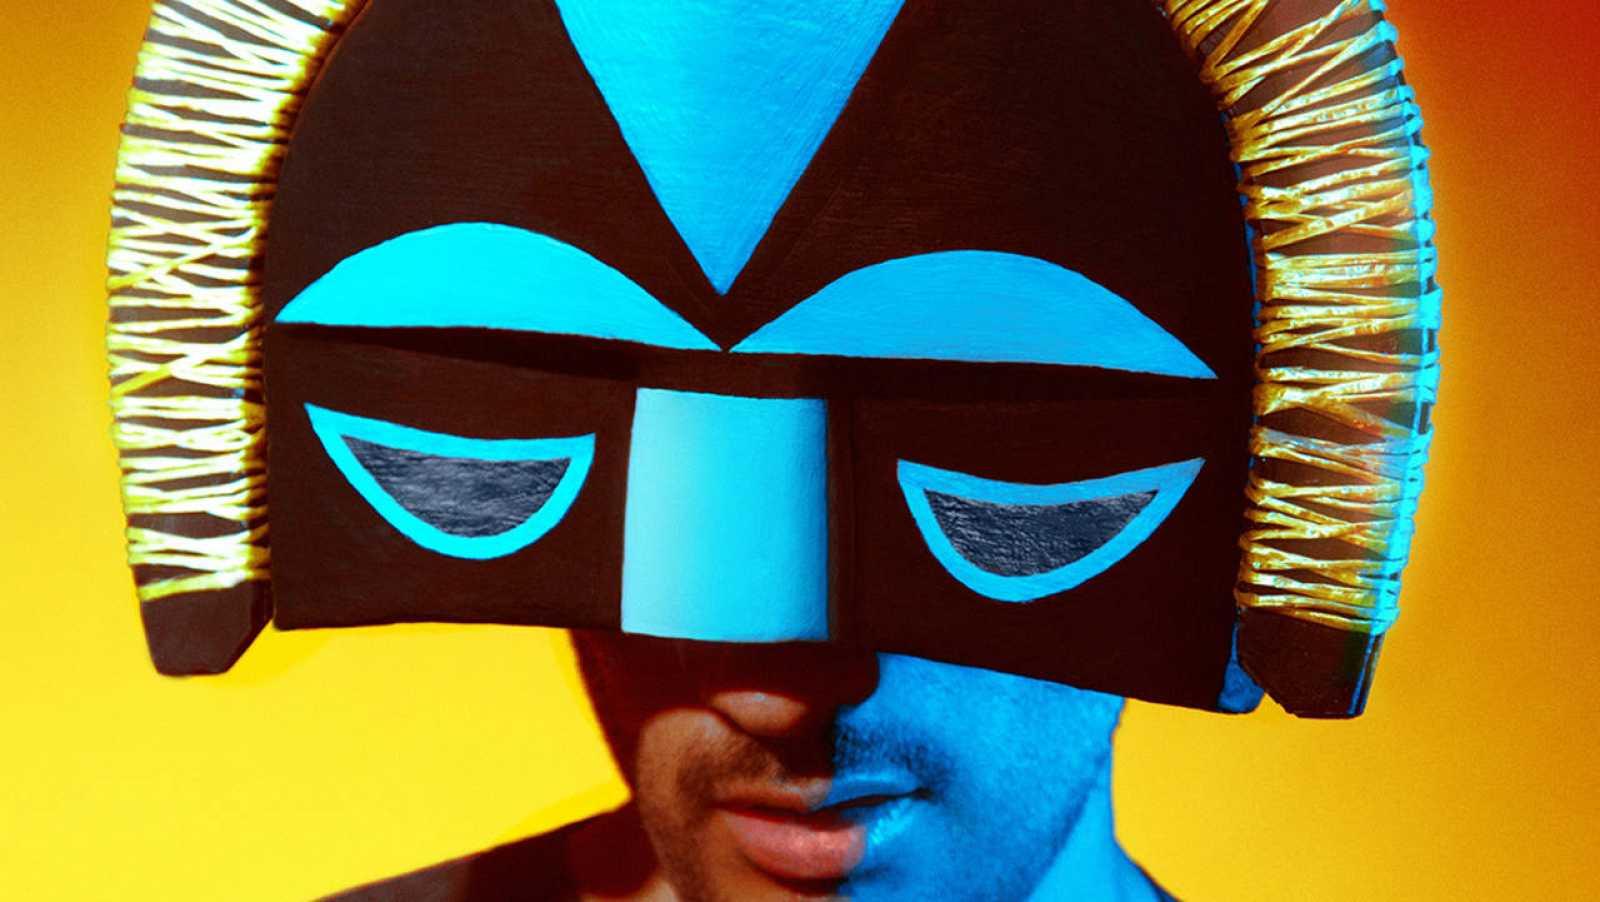 SBTRKT actuará en formato DJ set en la madrugada del sábado